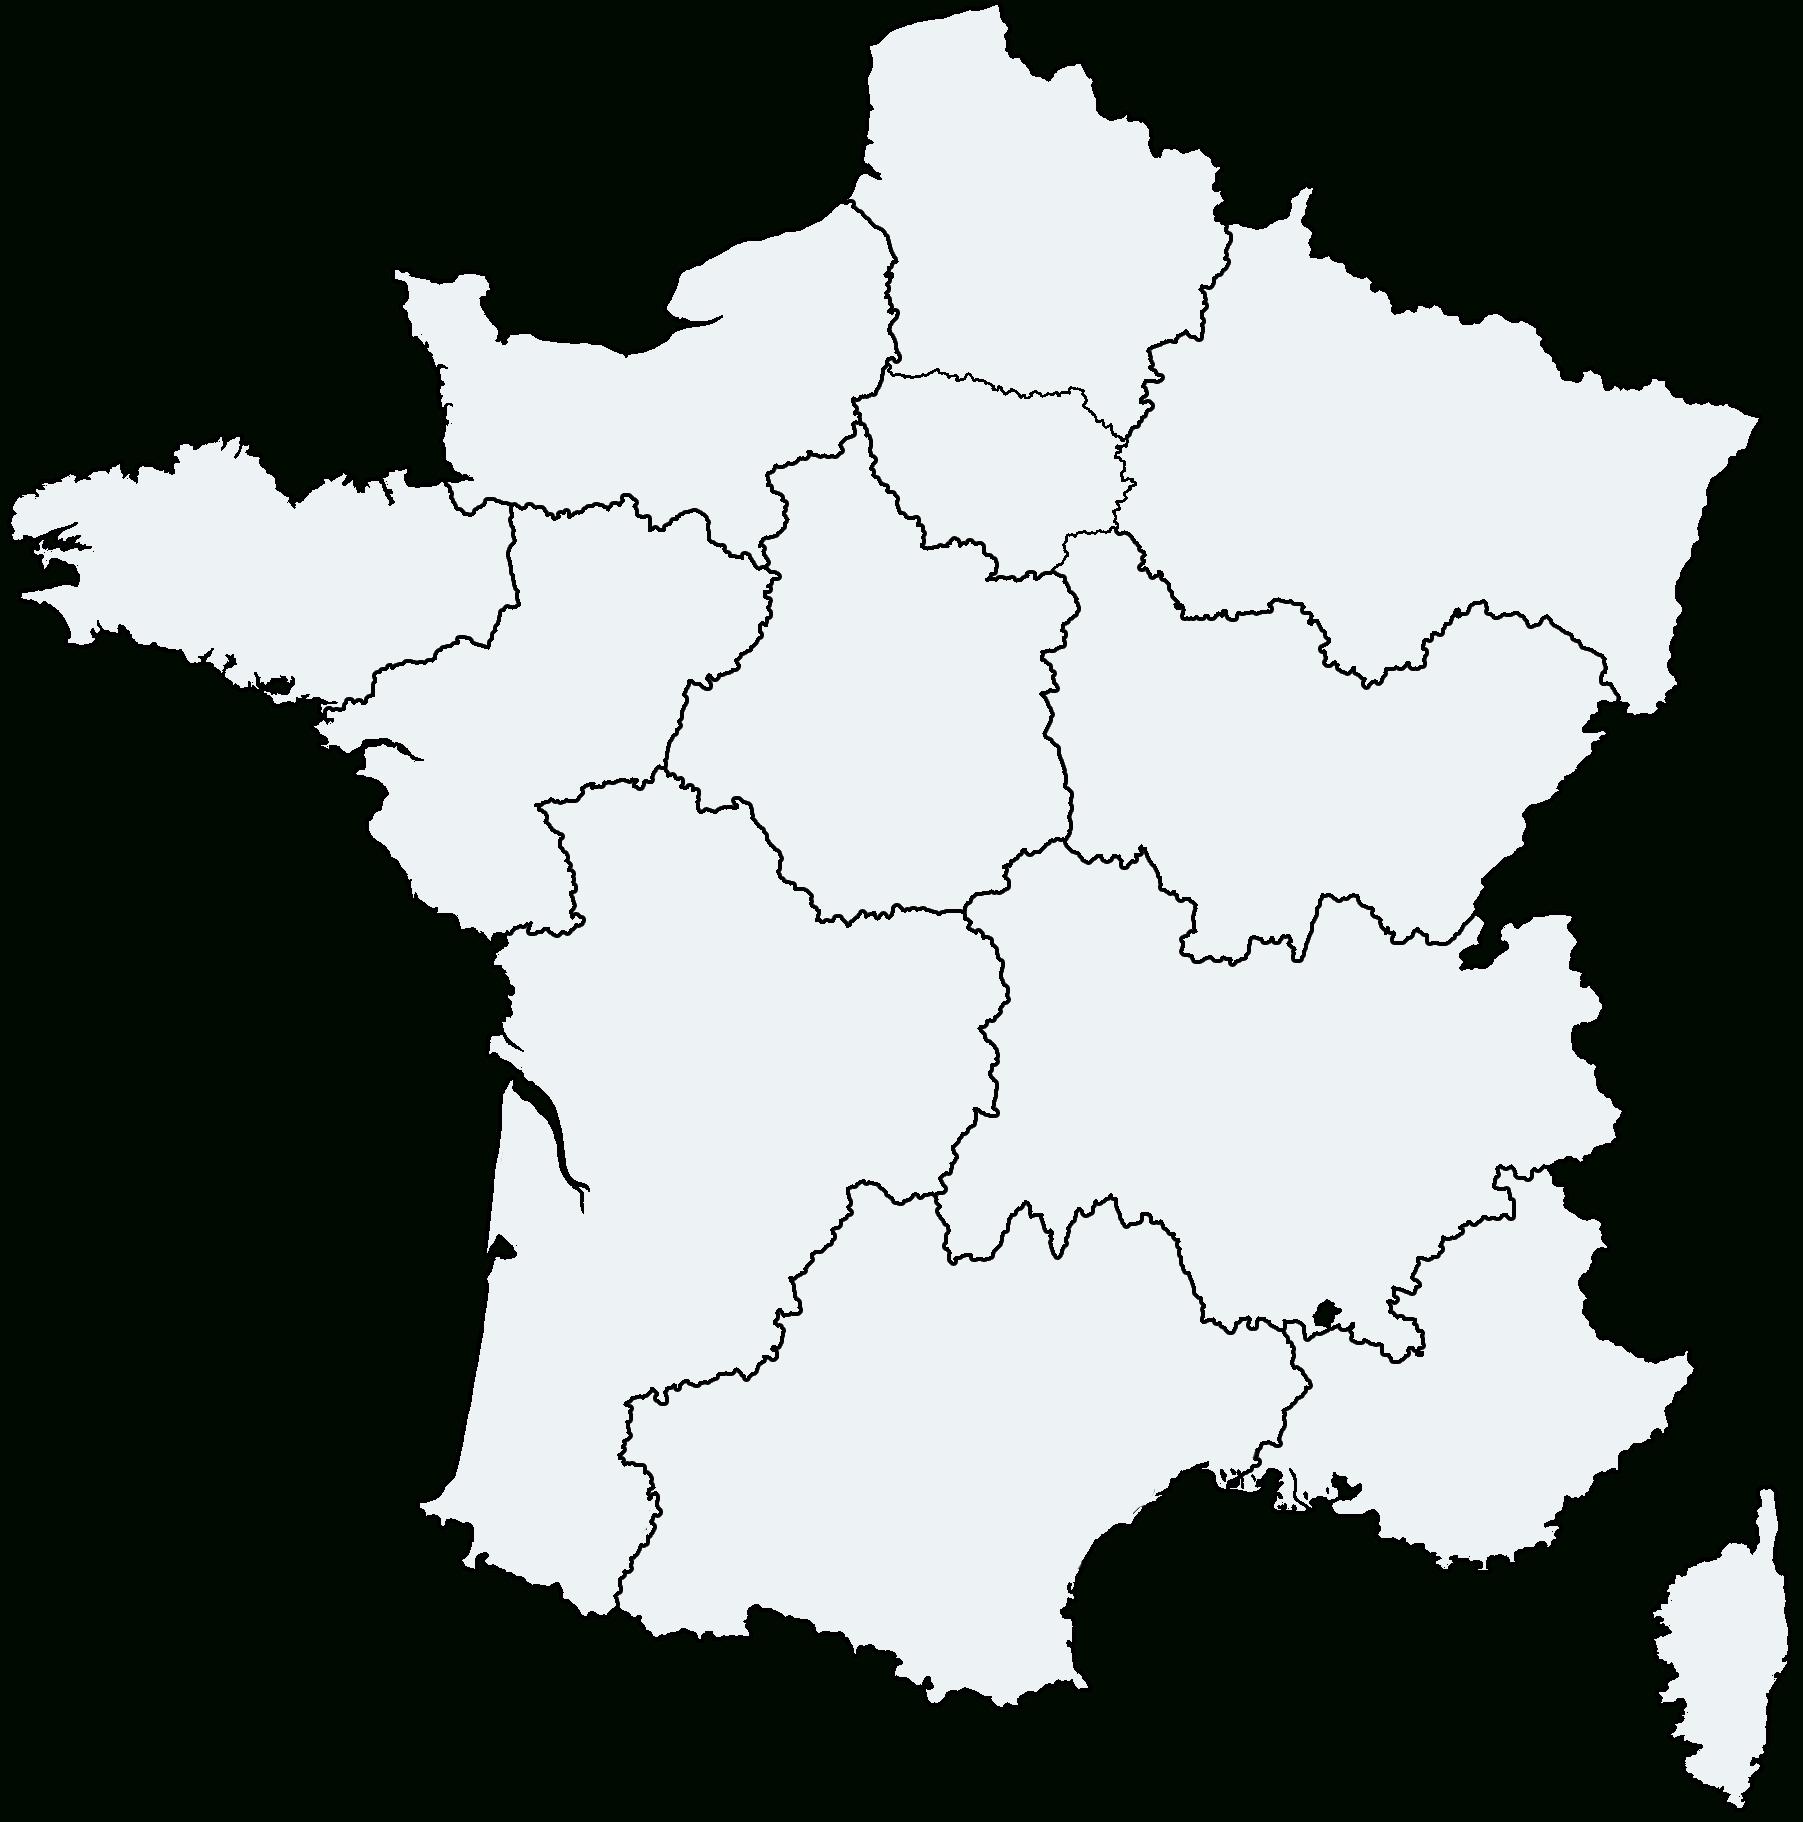 Placer Les Régions Sur La Carte Flashcards - Study With avec Carte Nouvelle Region